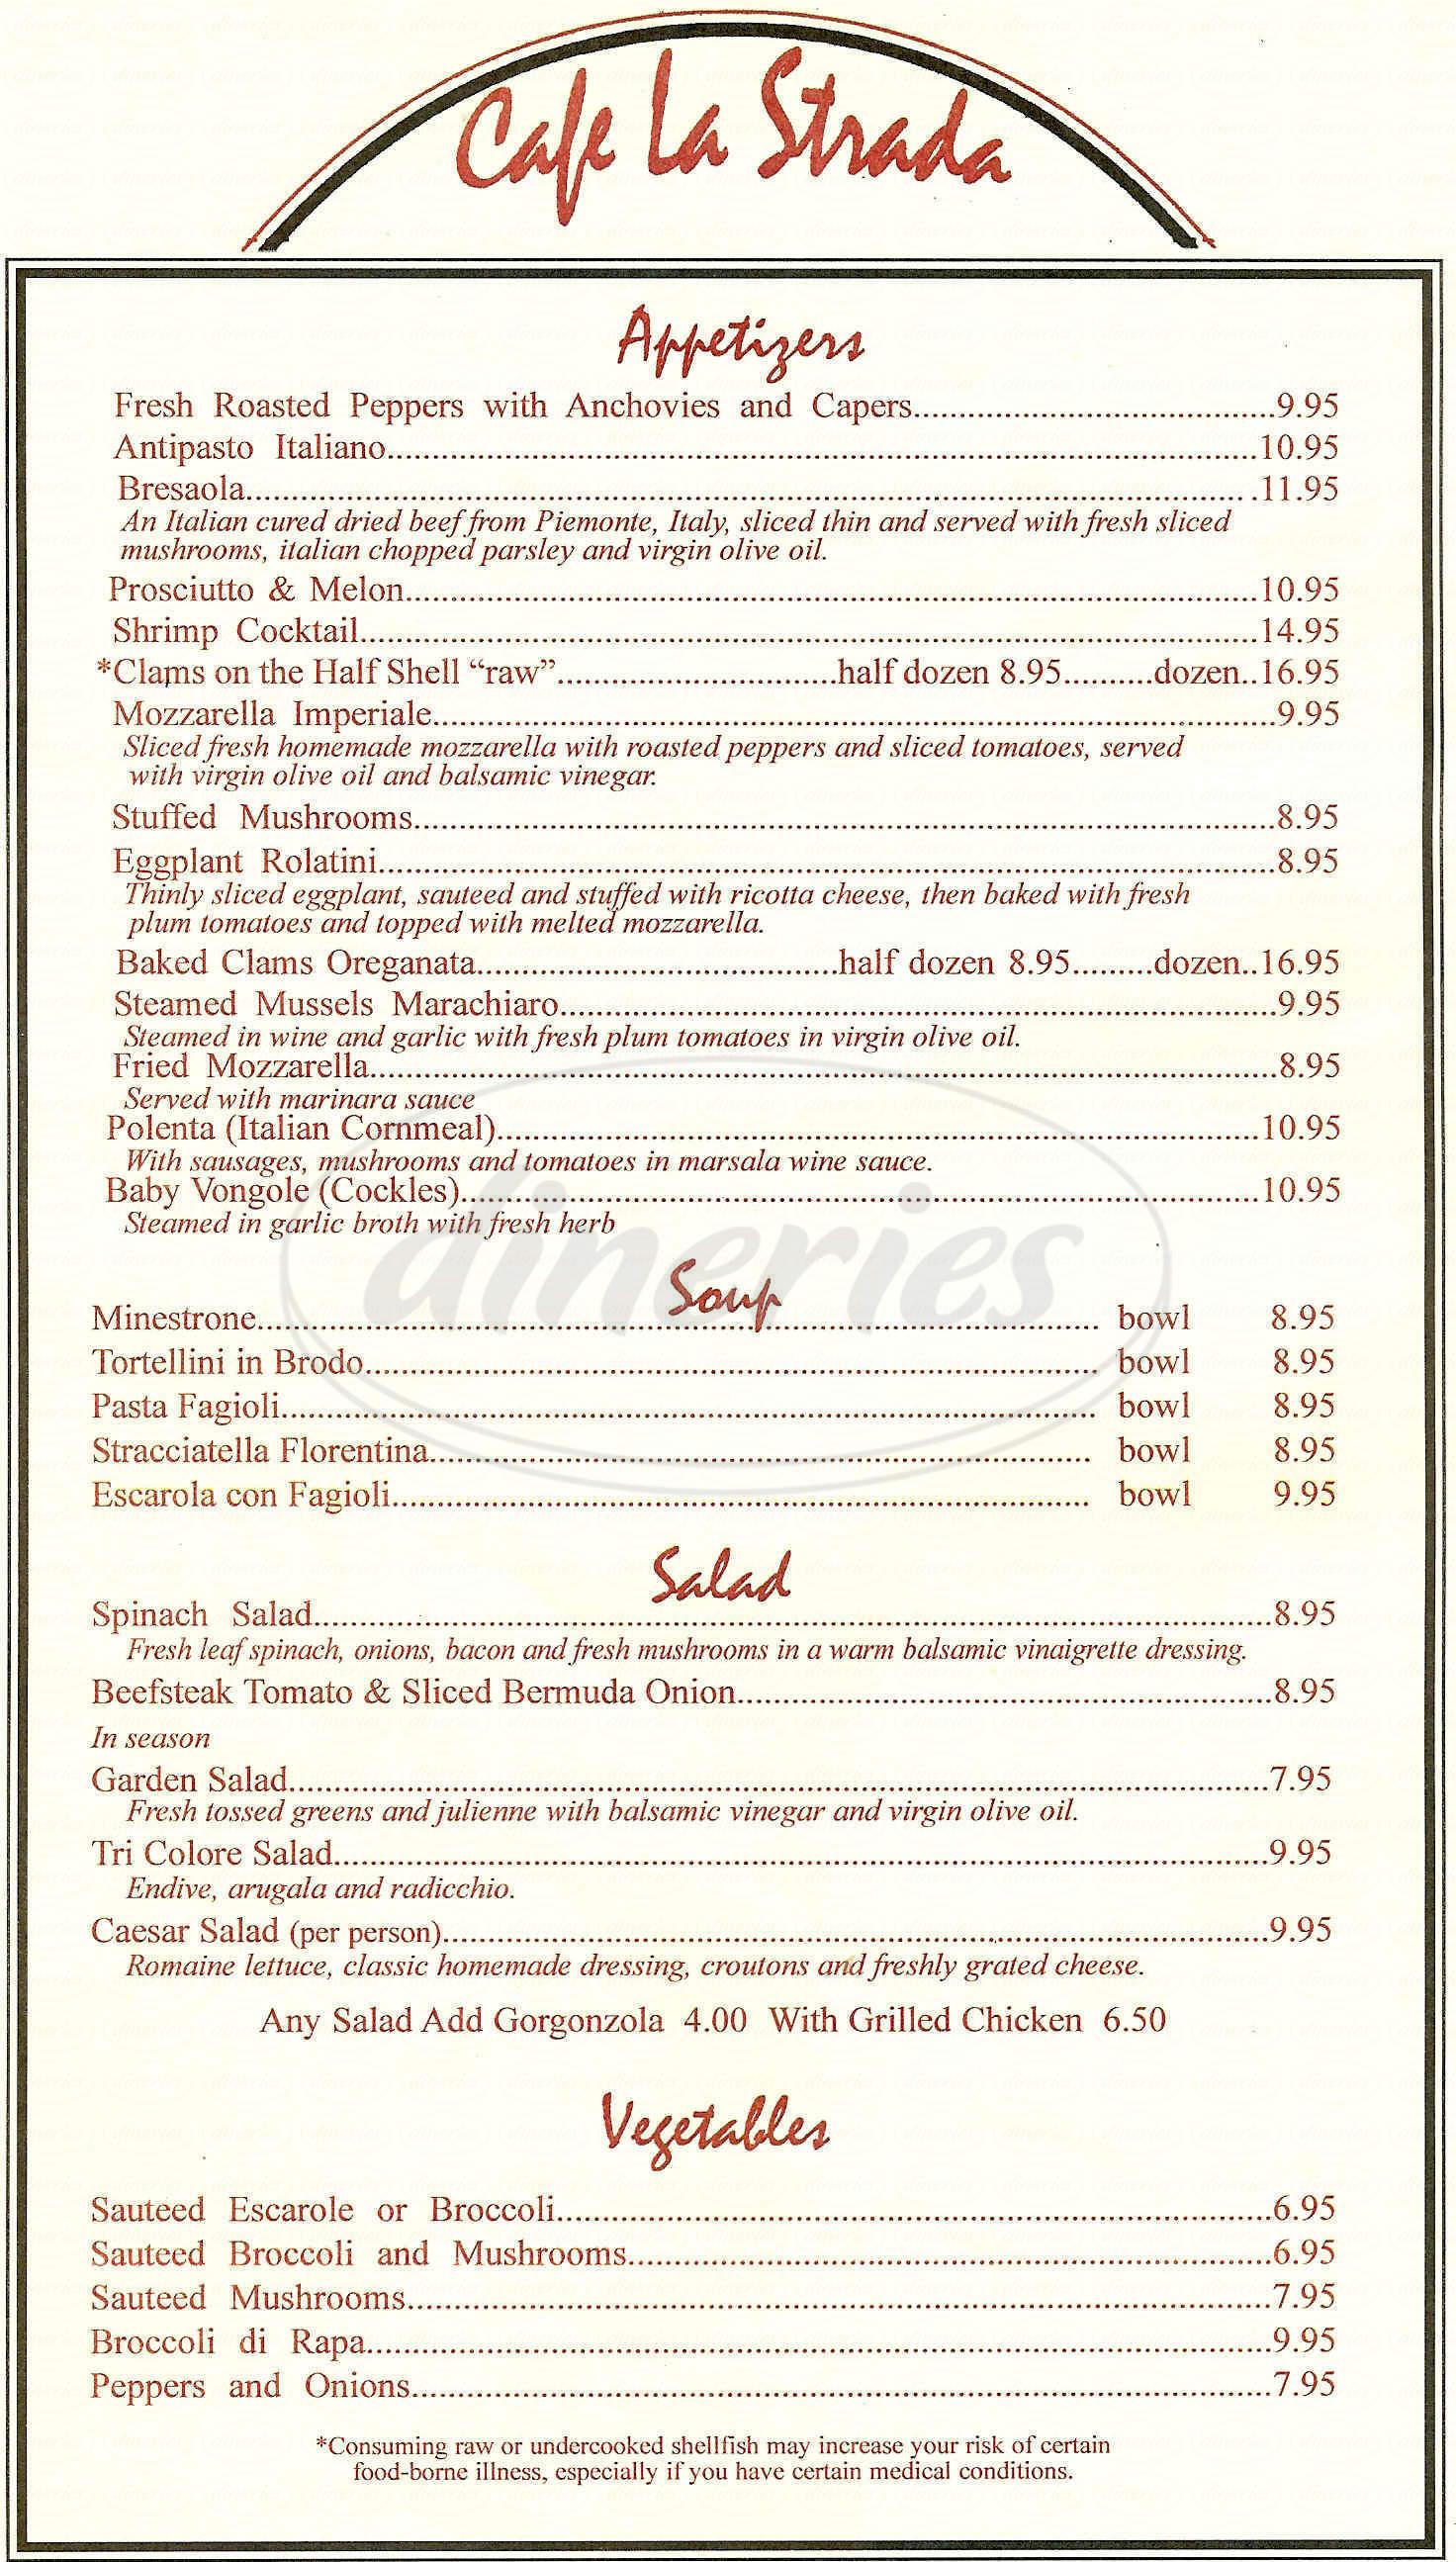 menu for Cafe La Strada